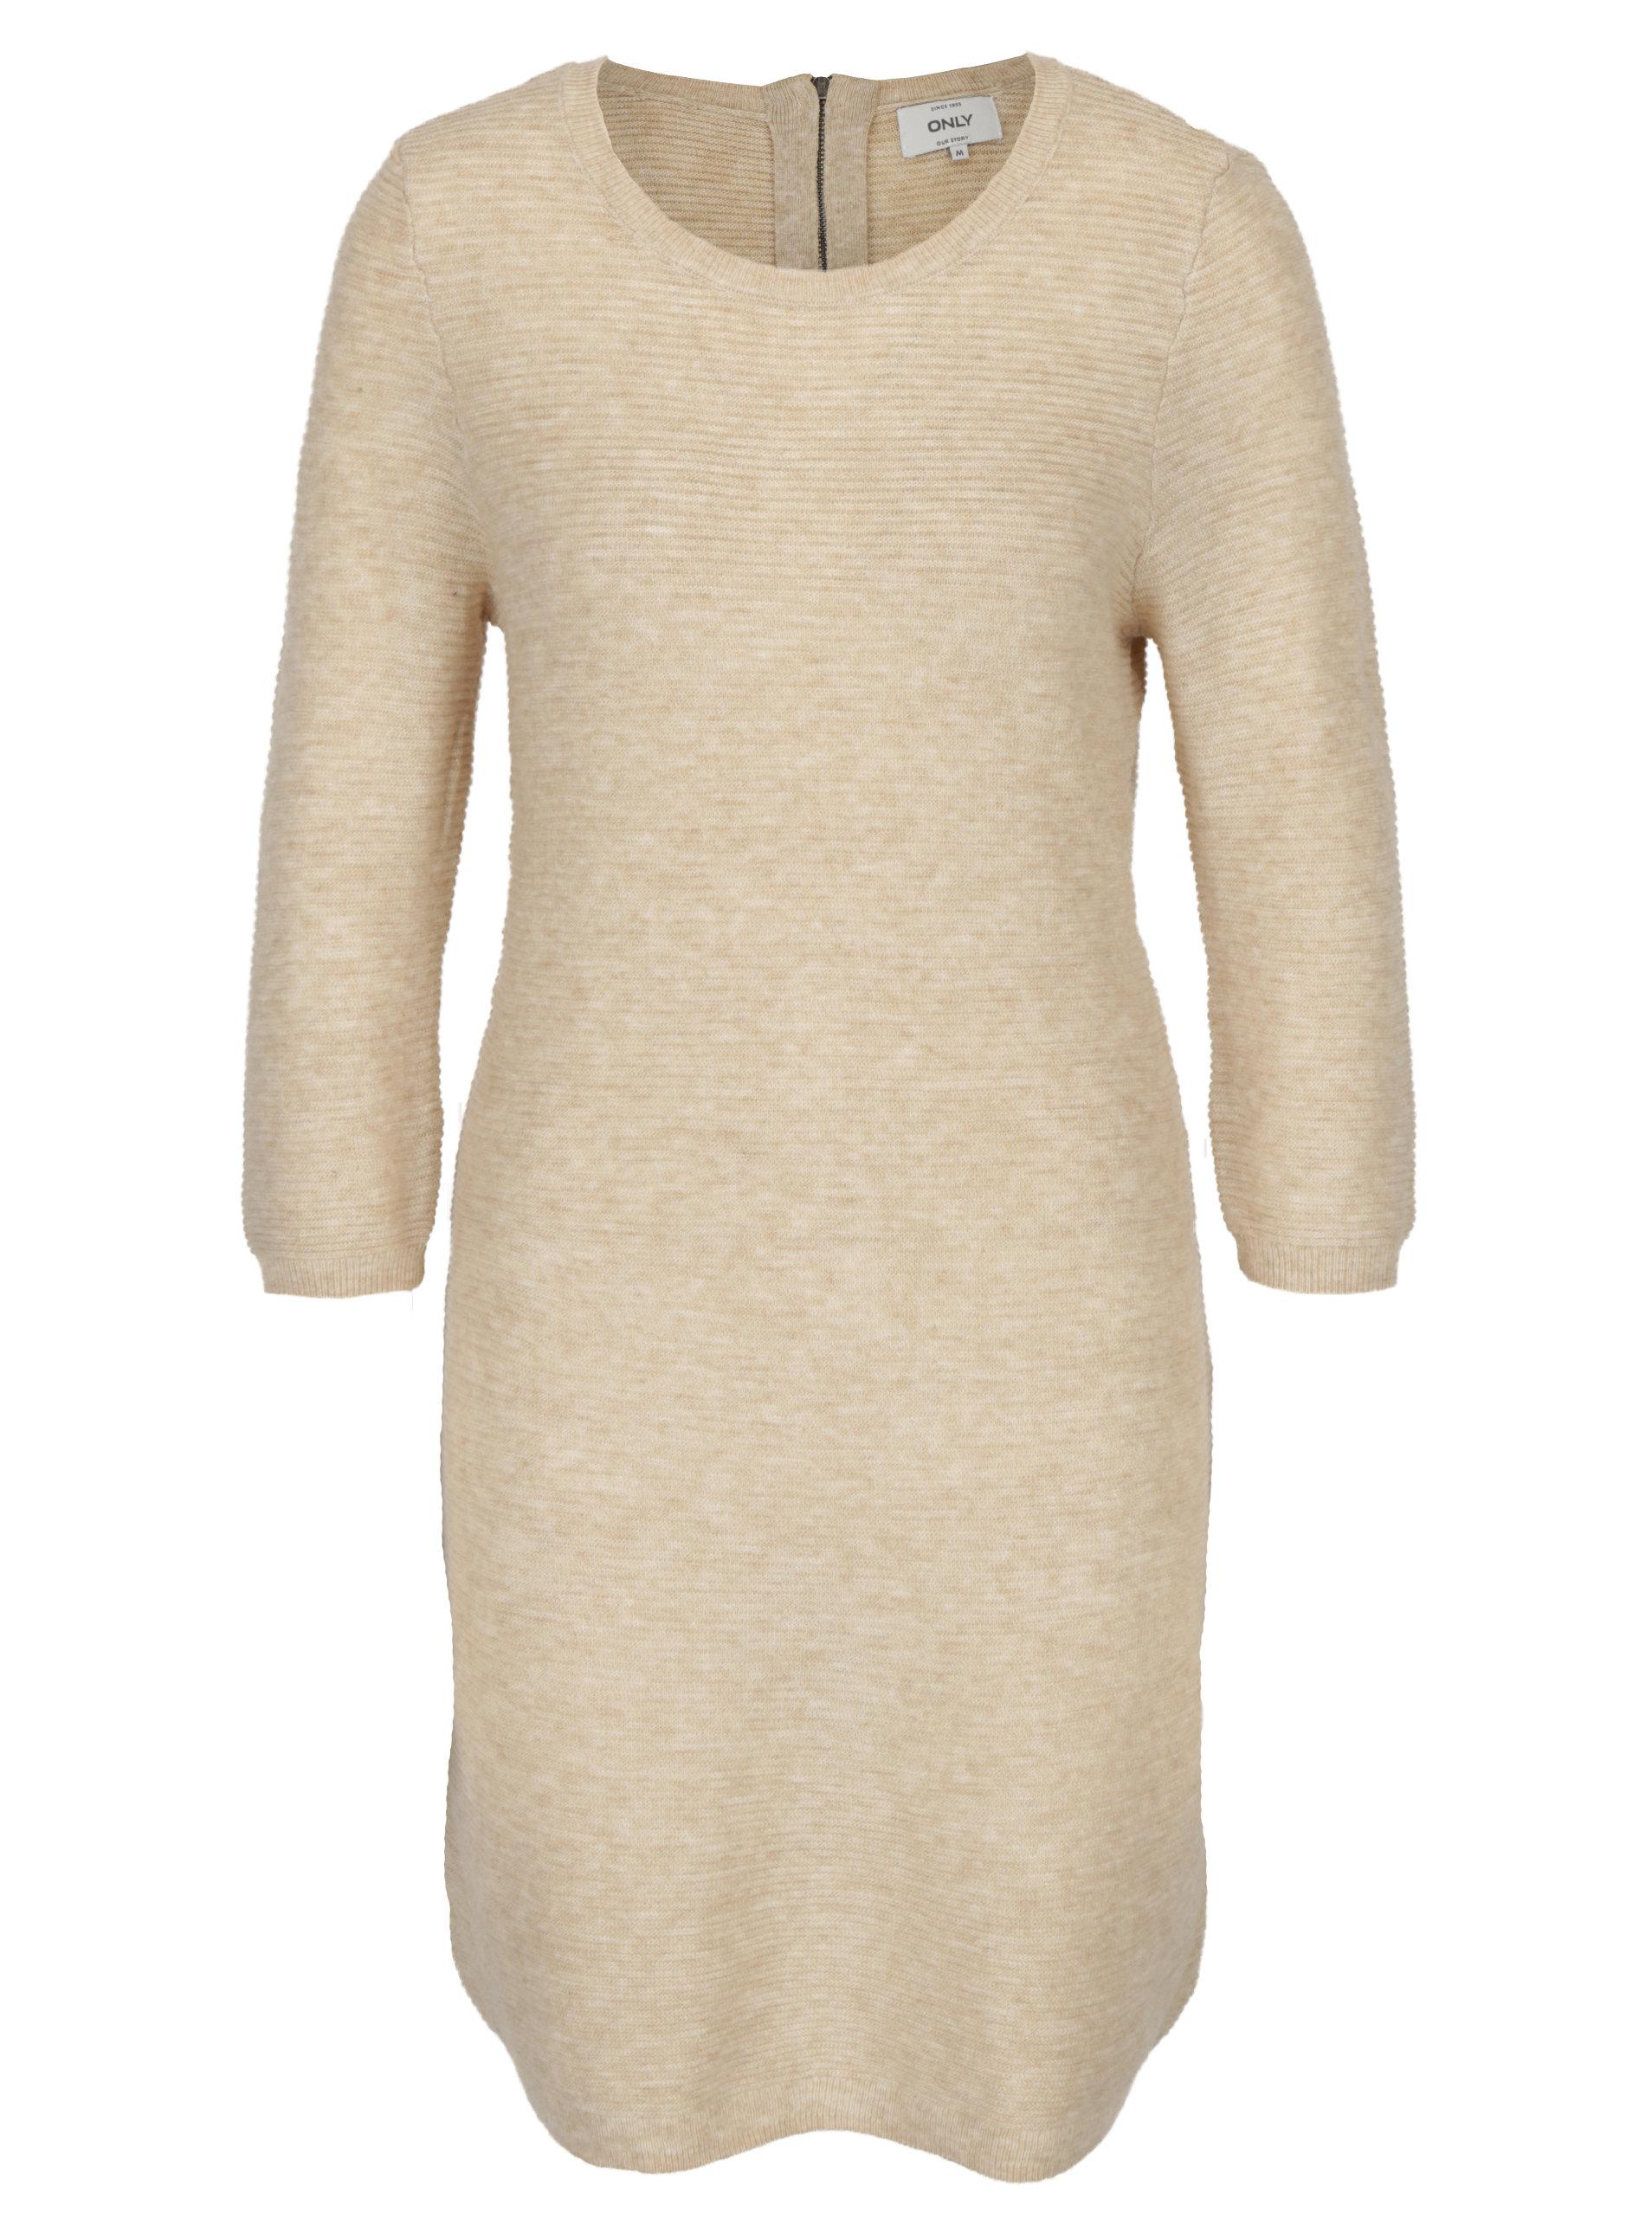 afb75d3707d3 Béžové svetrové šaty s 3 4 rukávem ONLY Filippa ...